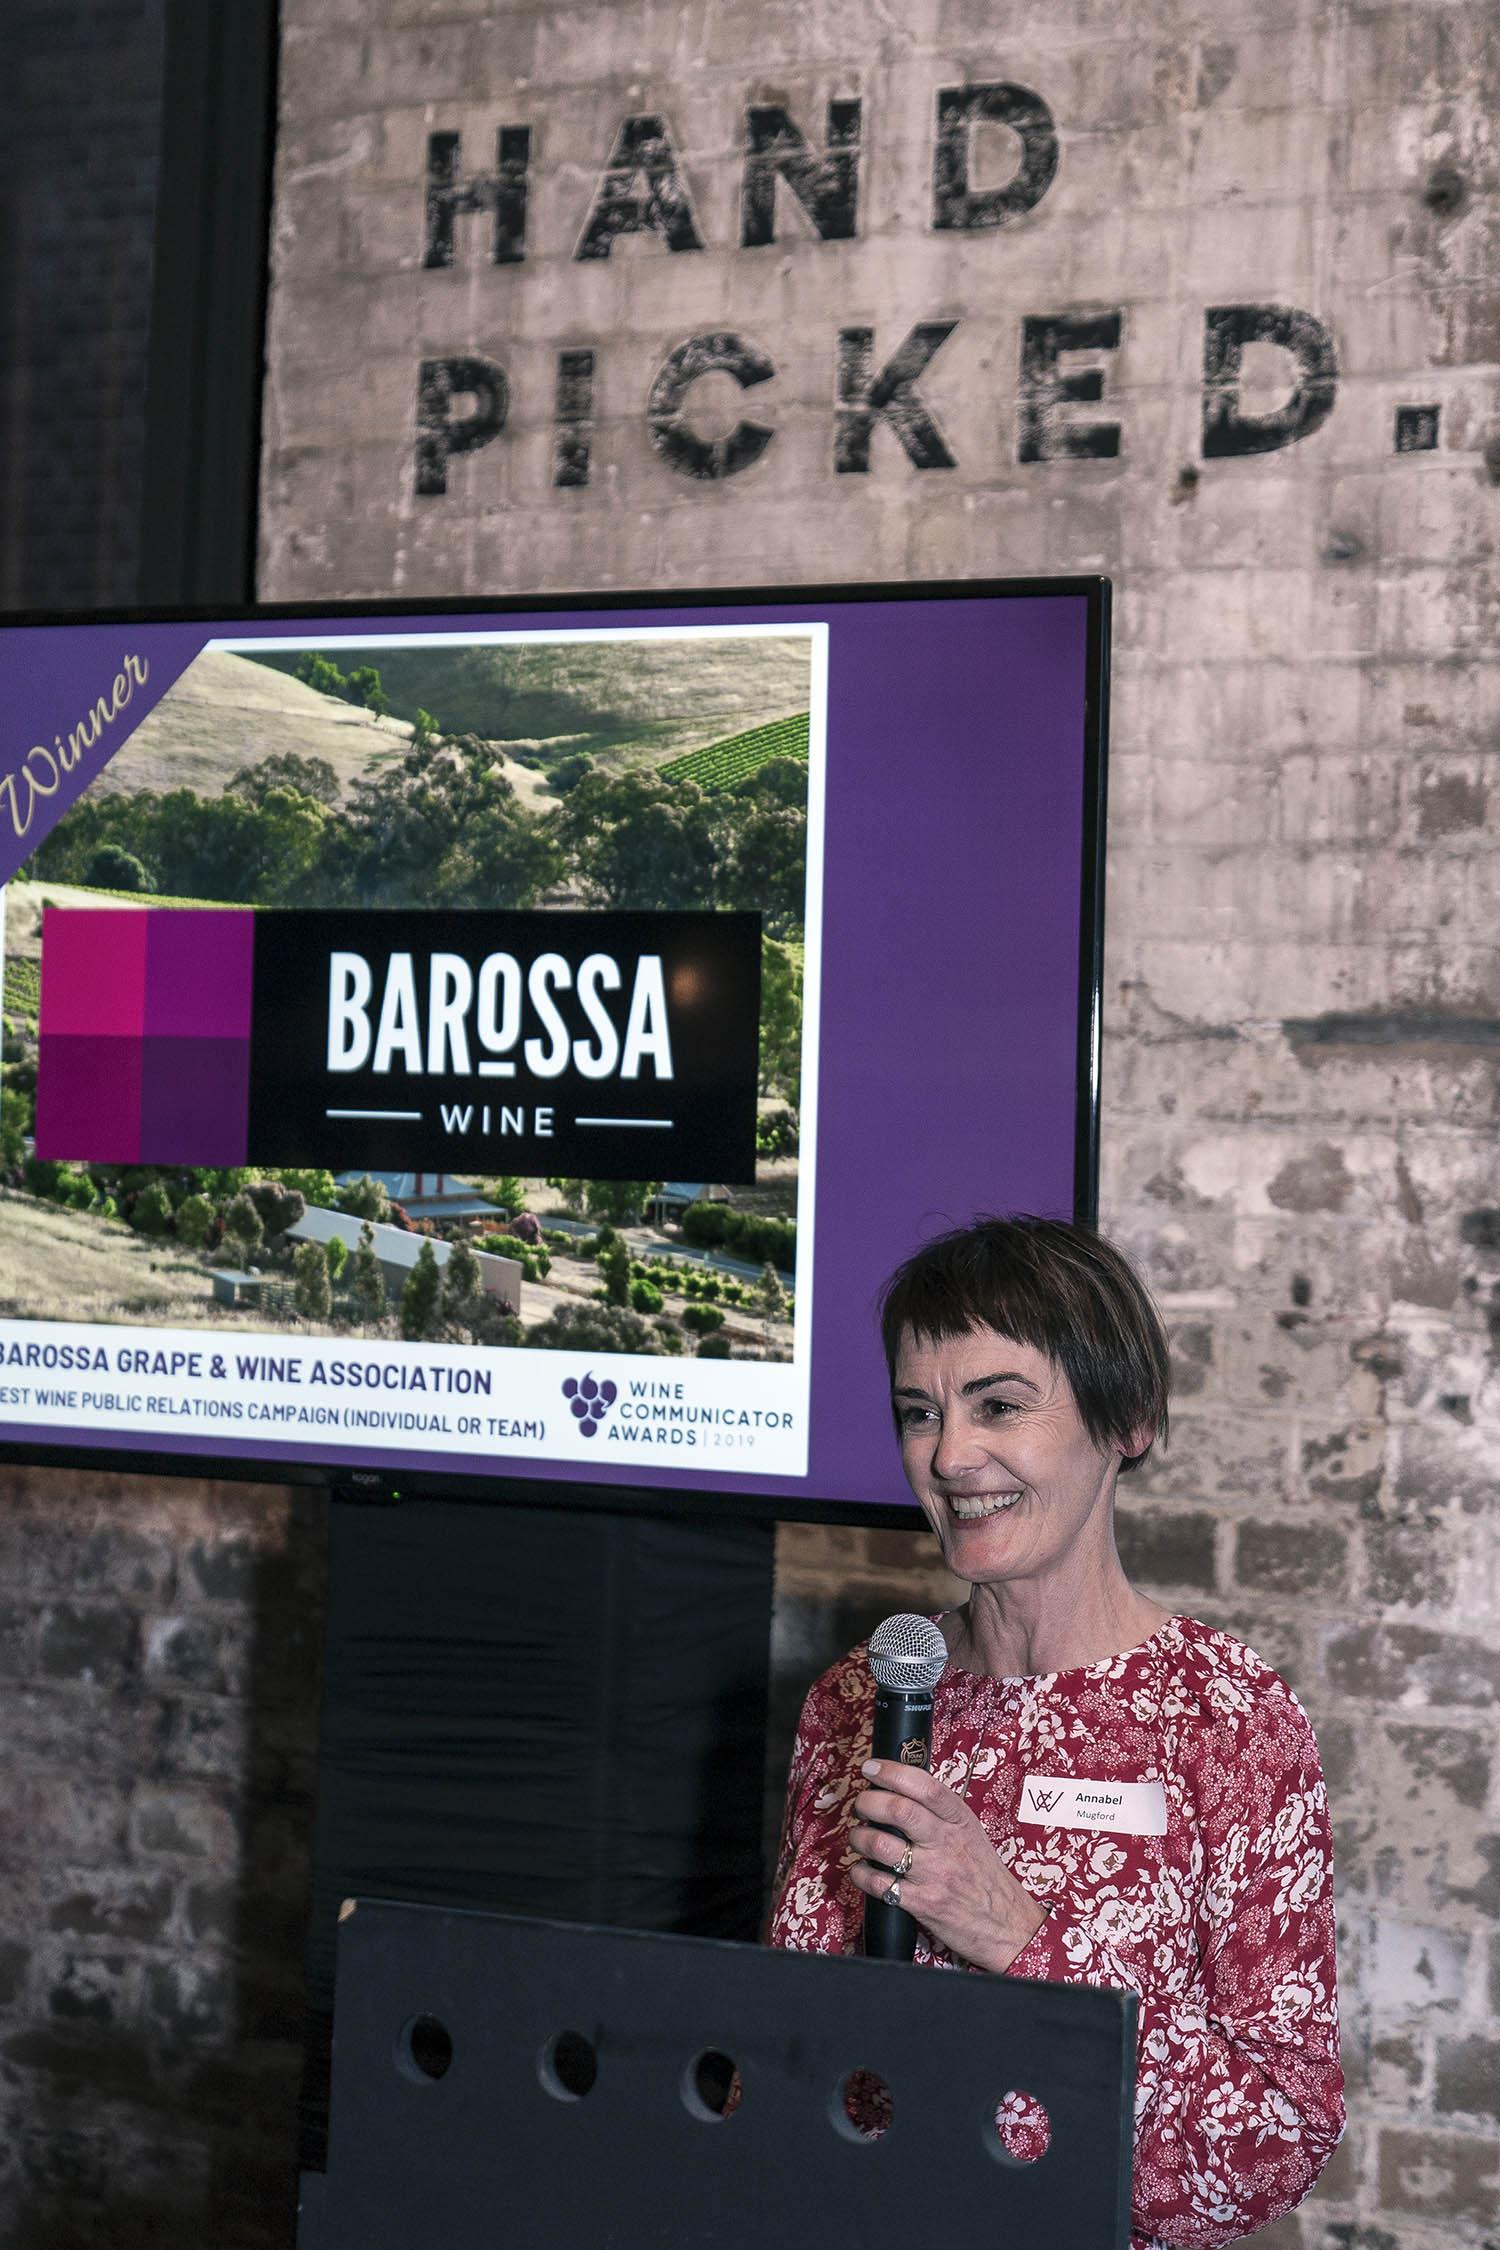 WCA_Winners_Barossa_00250